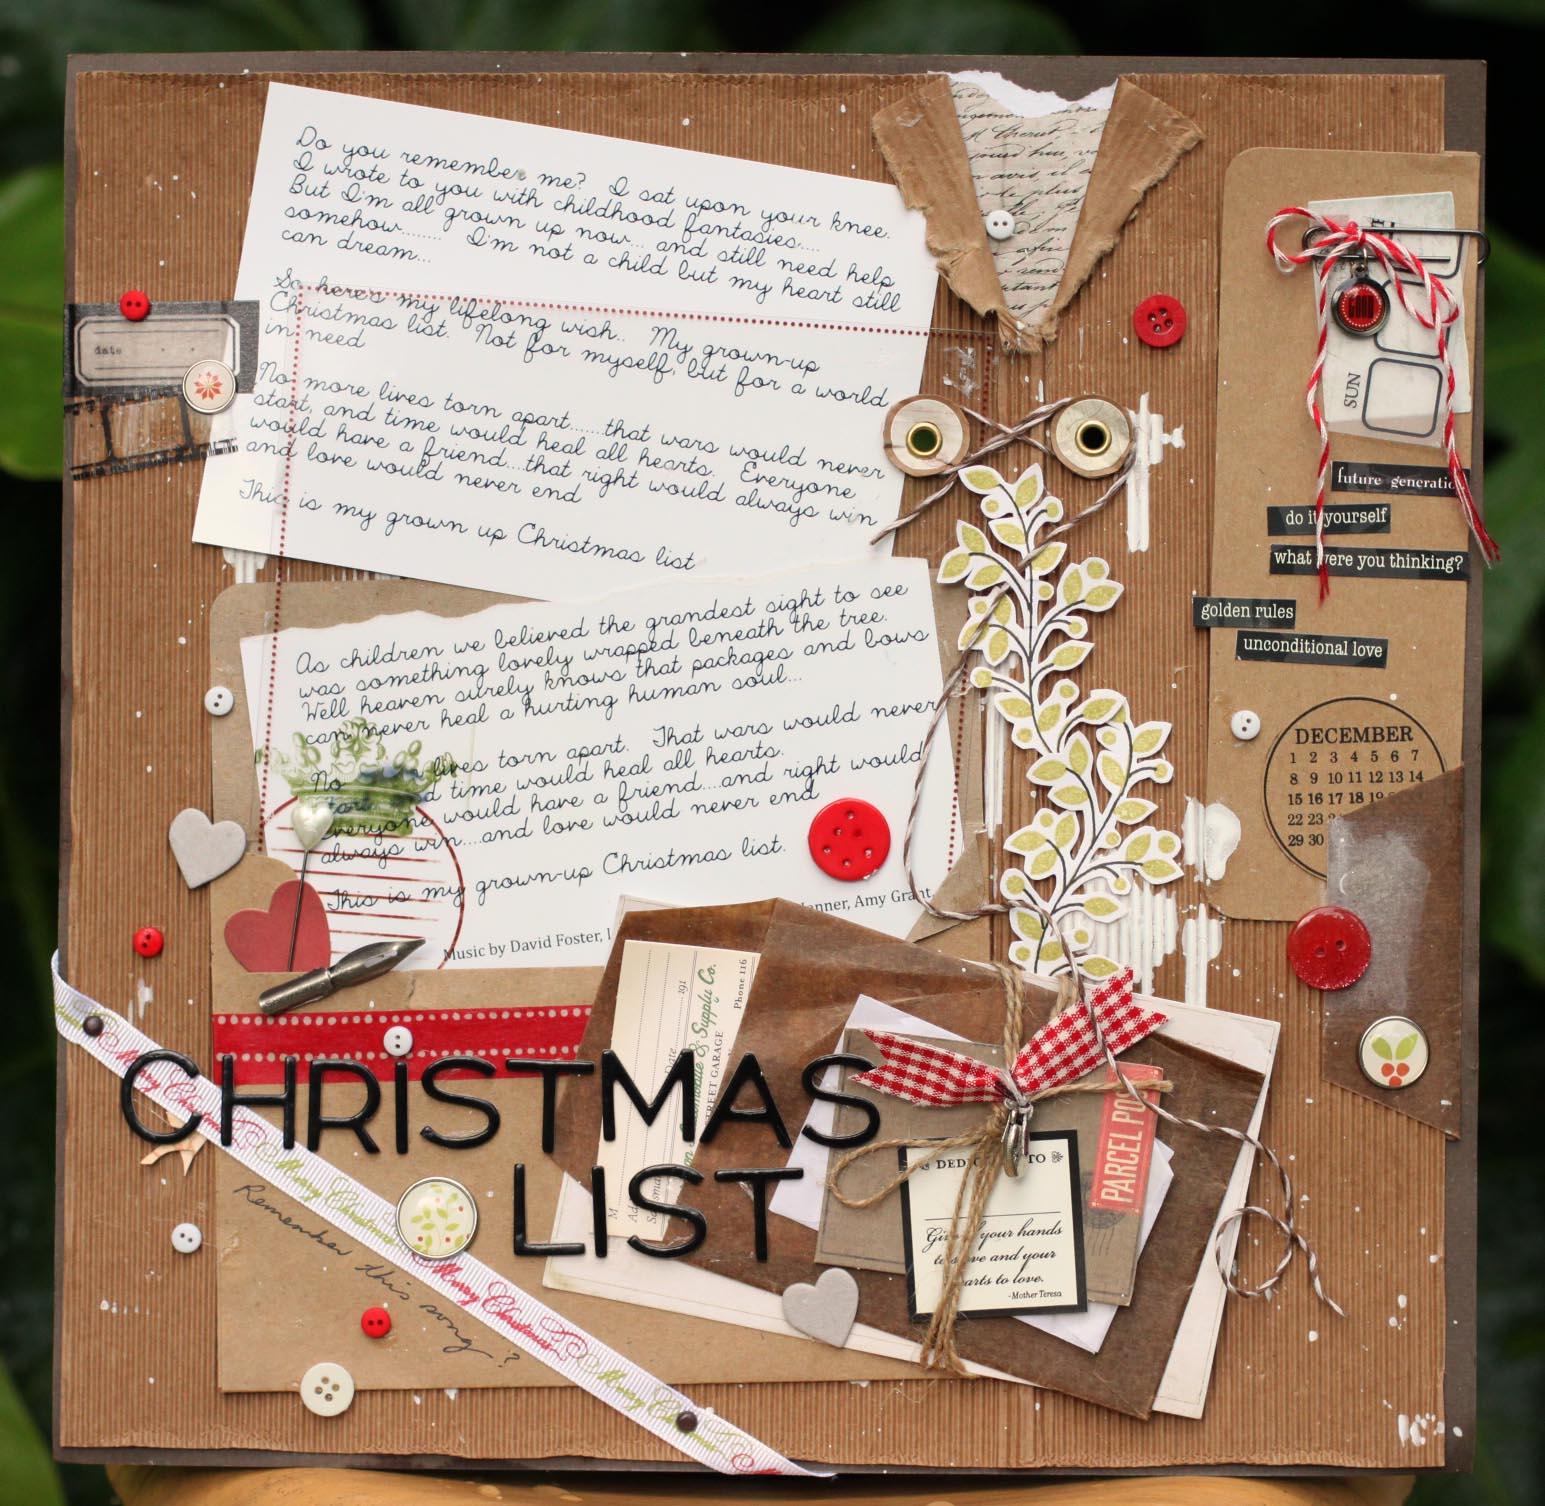 glooshmoo: Christmas Wishes in November